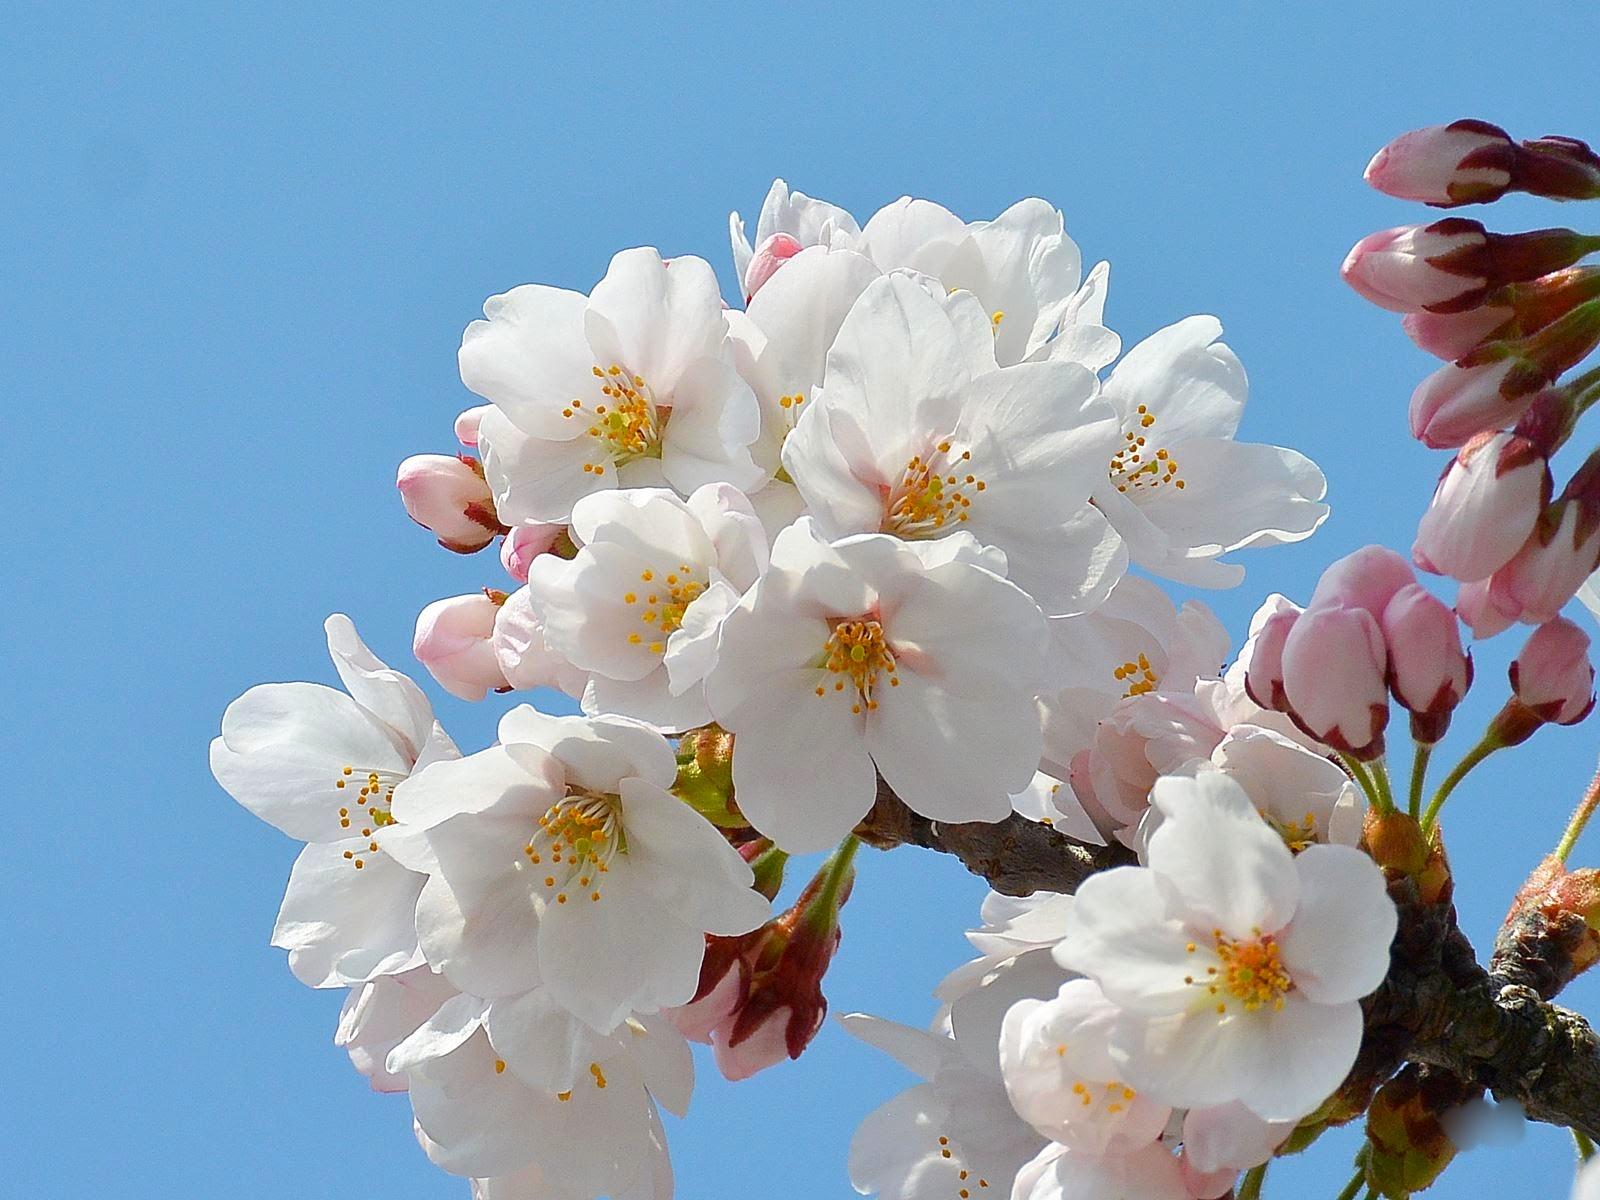 【まとめ】2021年 山形県の週末イベント情報 4月10日(土)・4月11日(日)